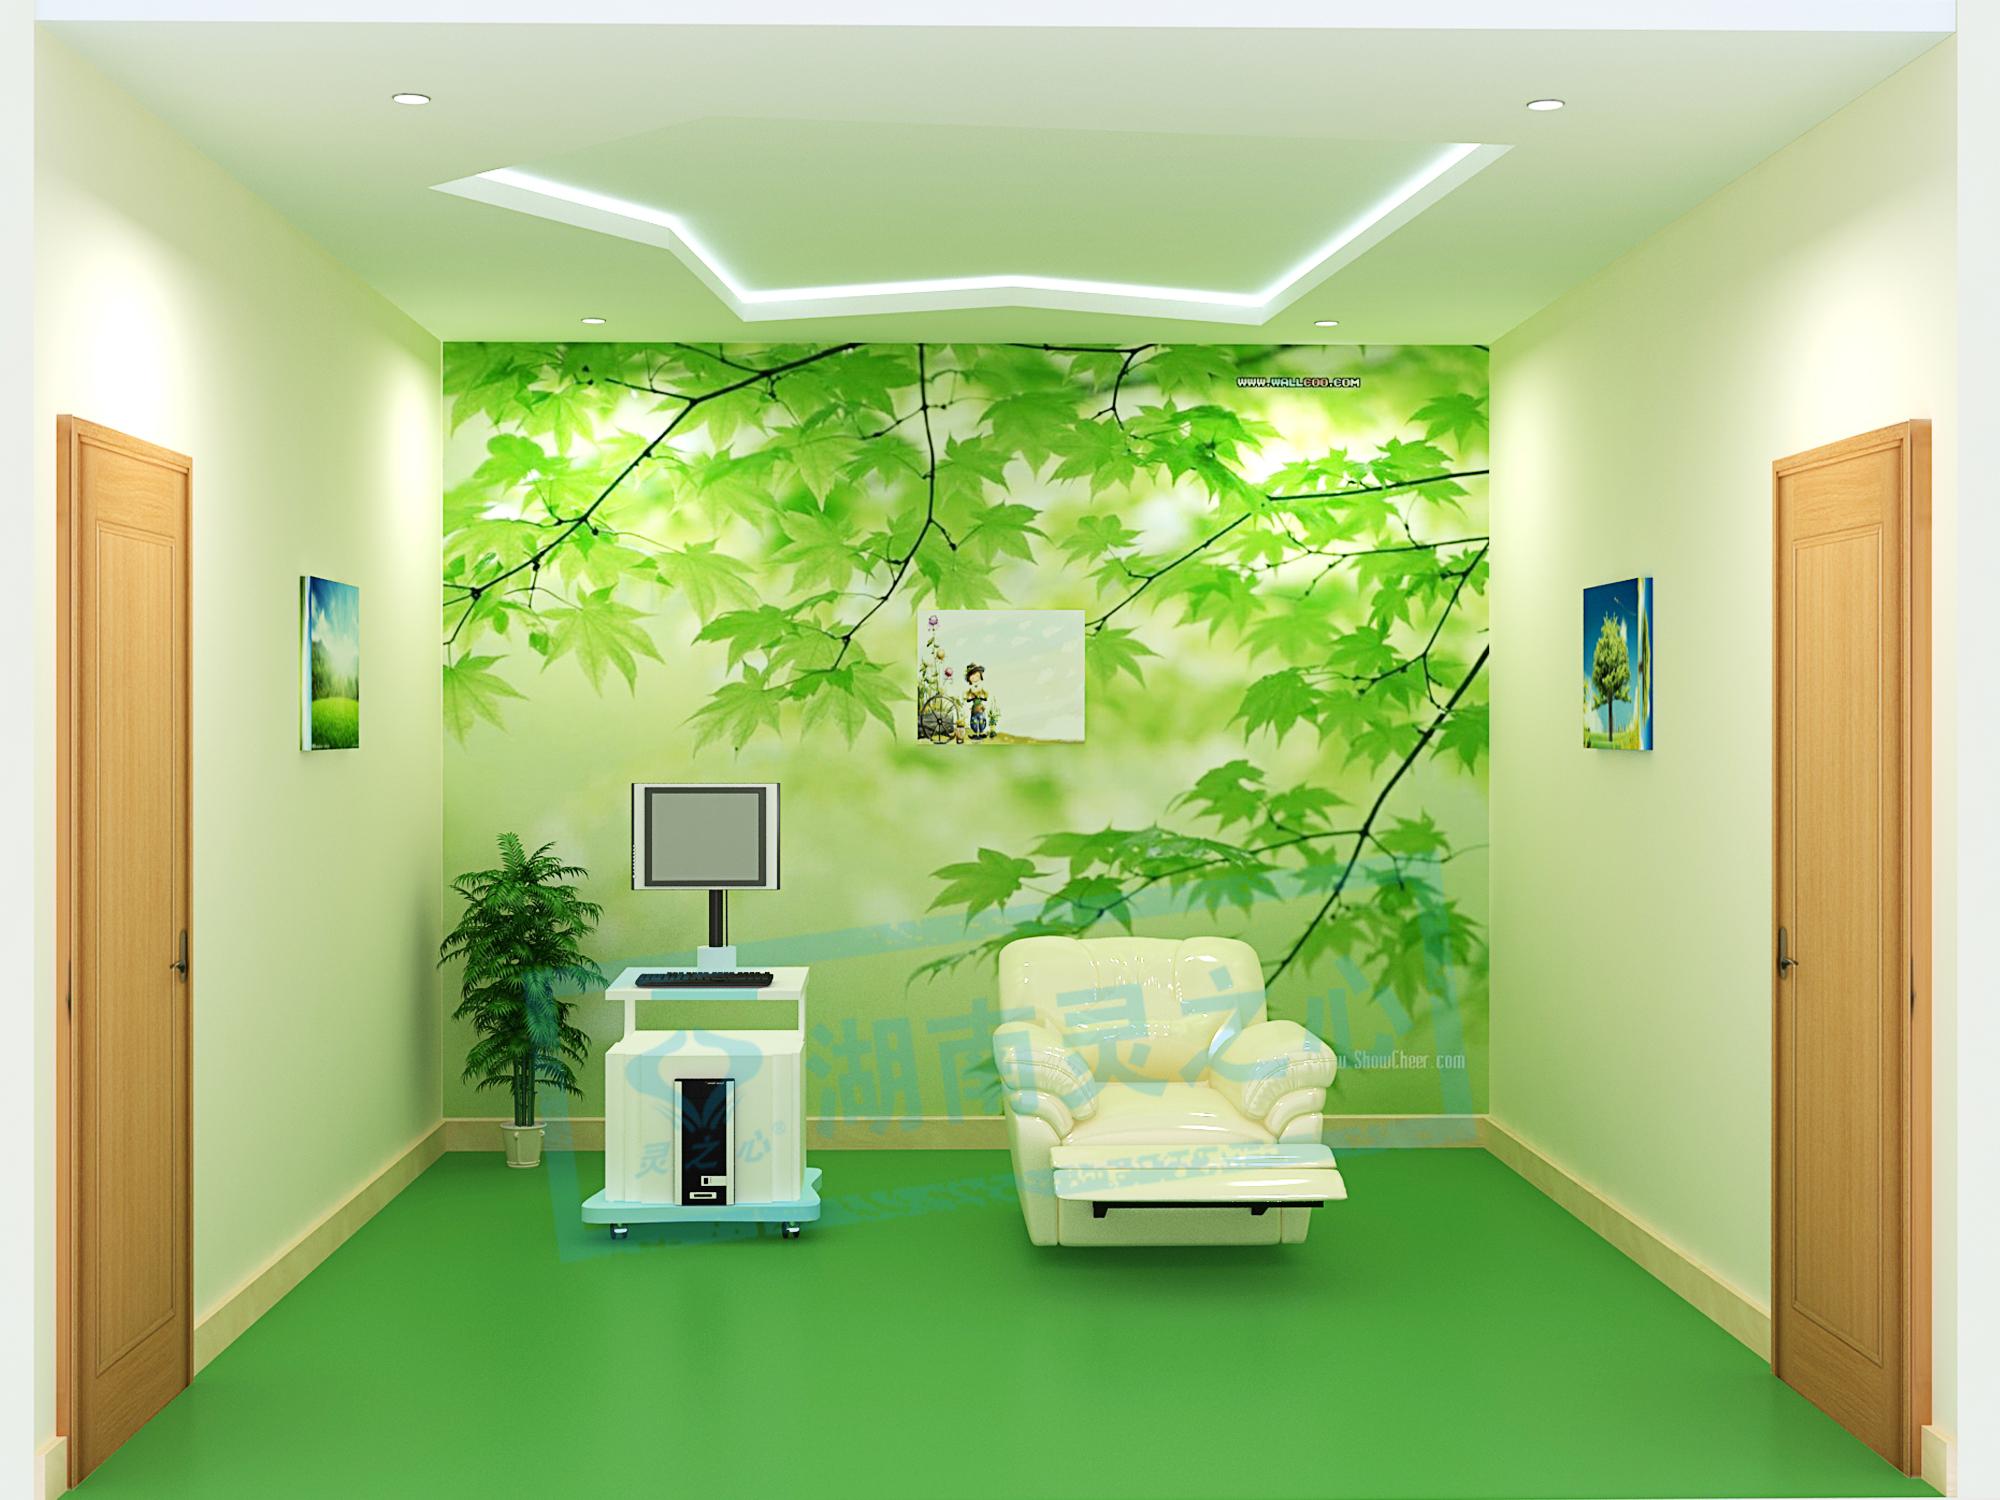 心理咨询室建设所需要的心理设备